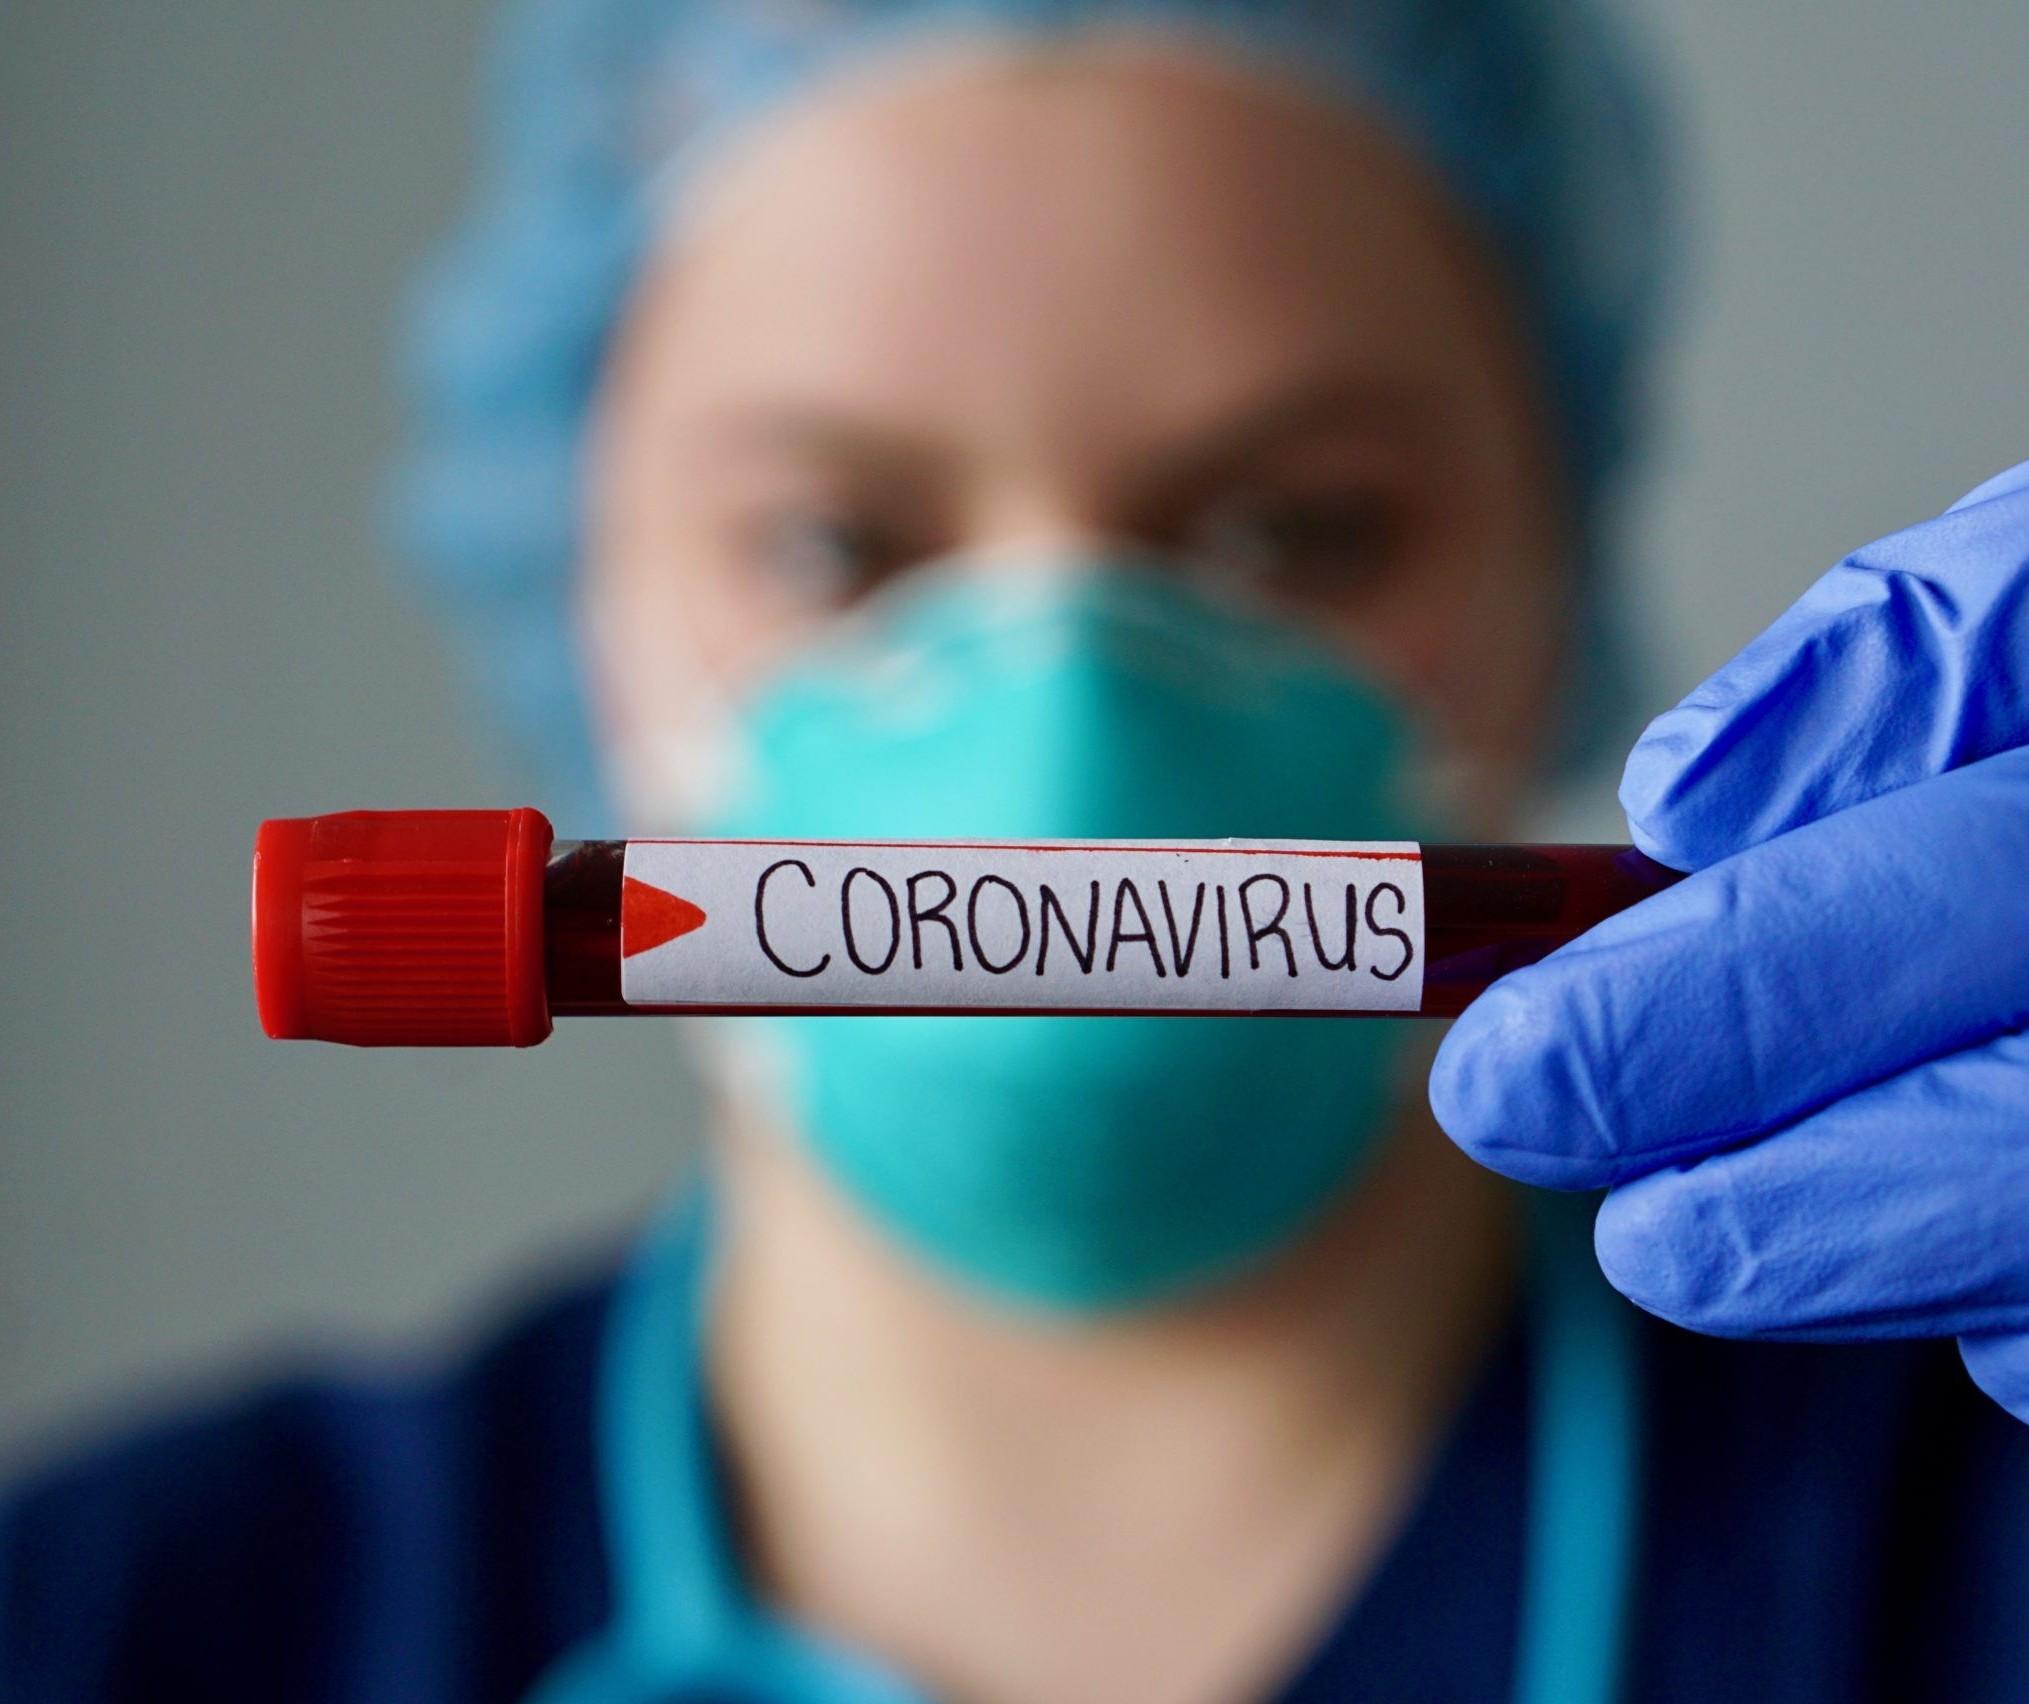 Maringá: 10 crianças estão internadas com suspeita de coronavírus